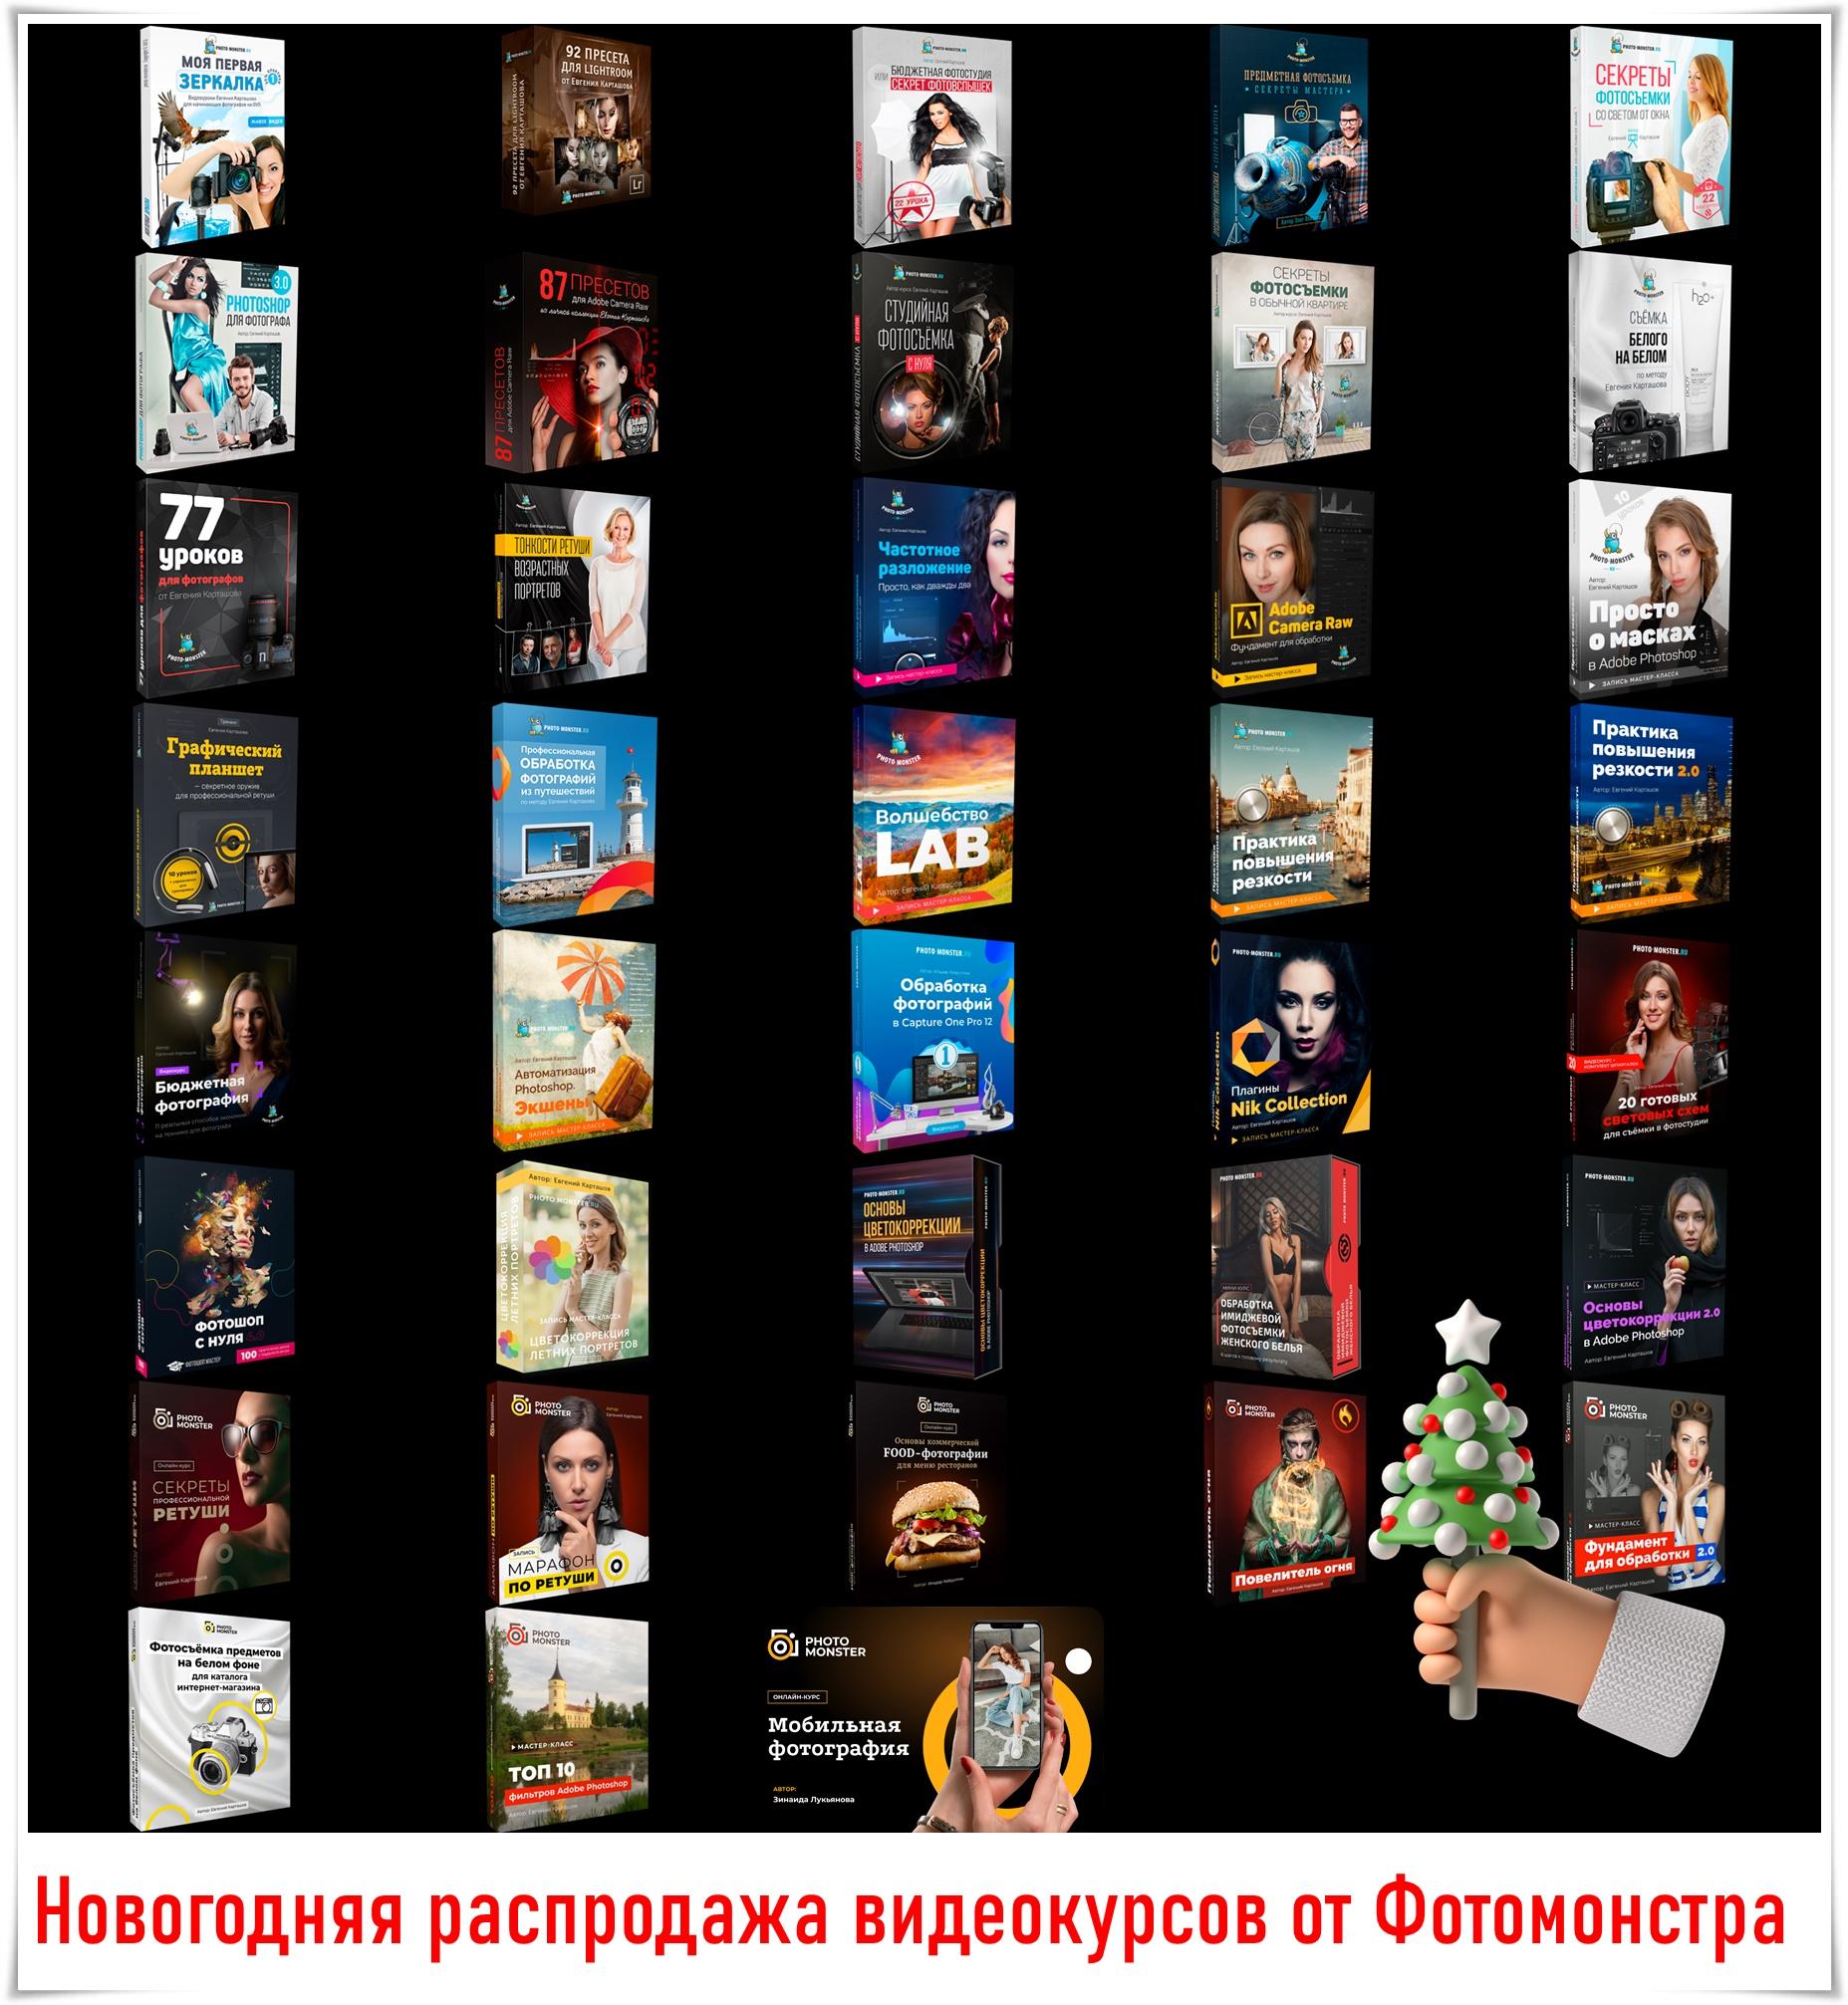 Видеокурсы по Фотошопу и фотографии. Скидка 30%